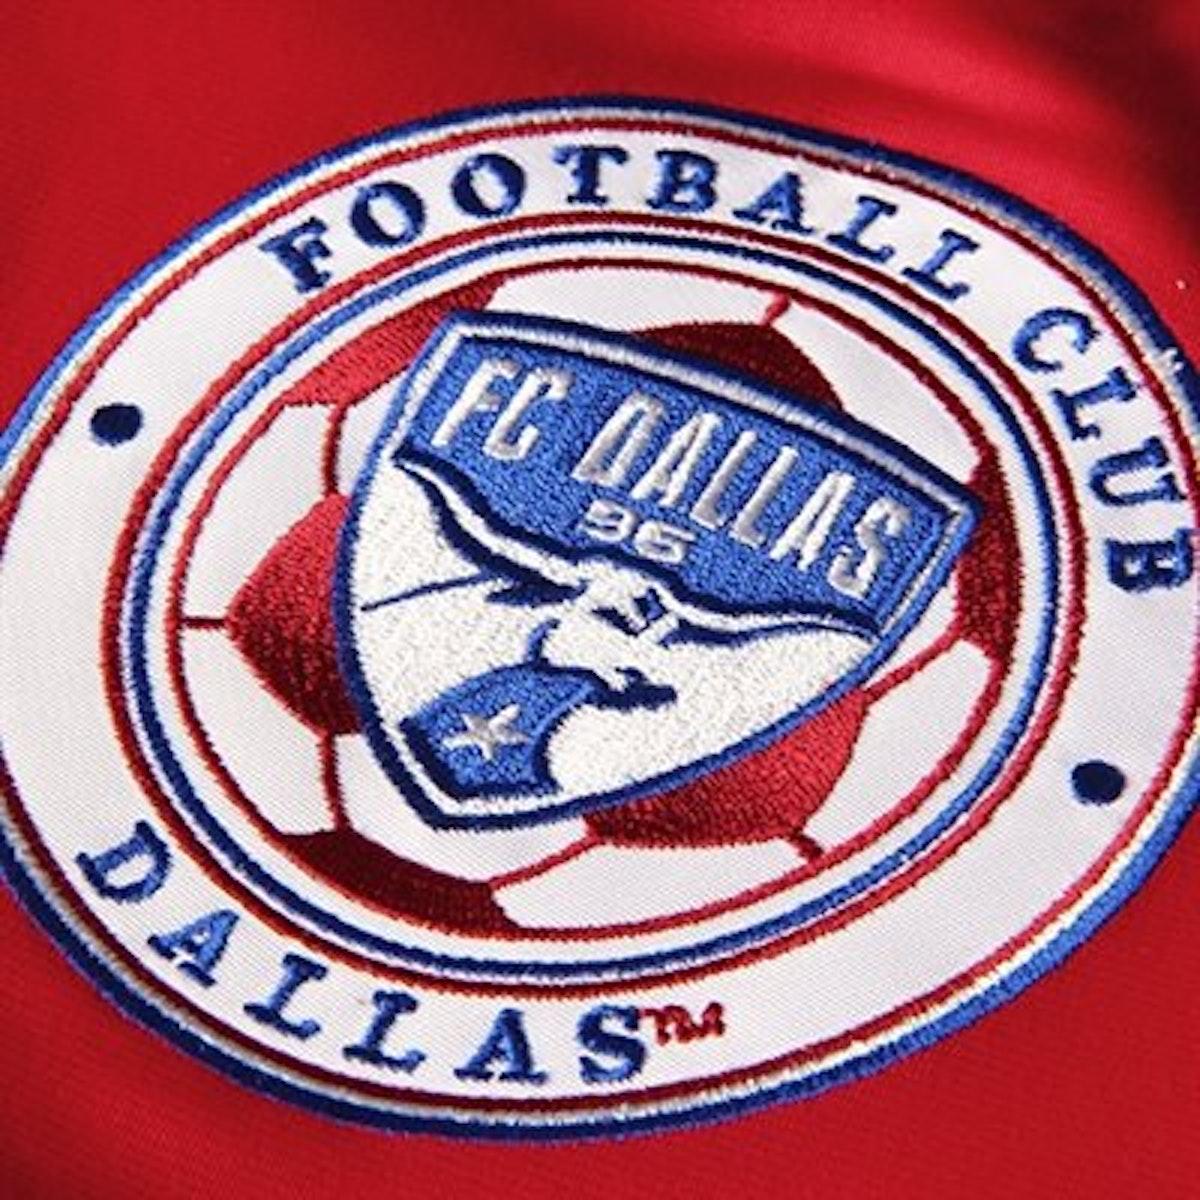 1493148764-fc-dallas-logo